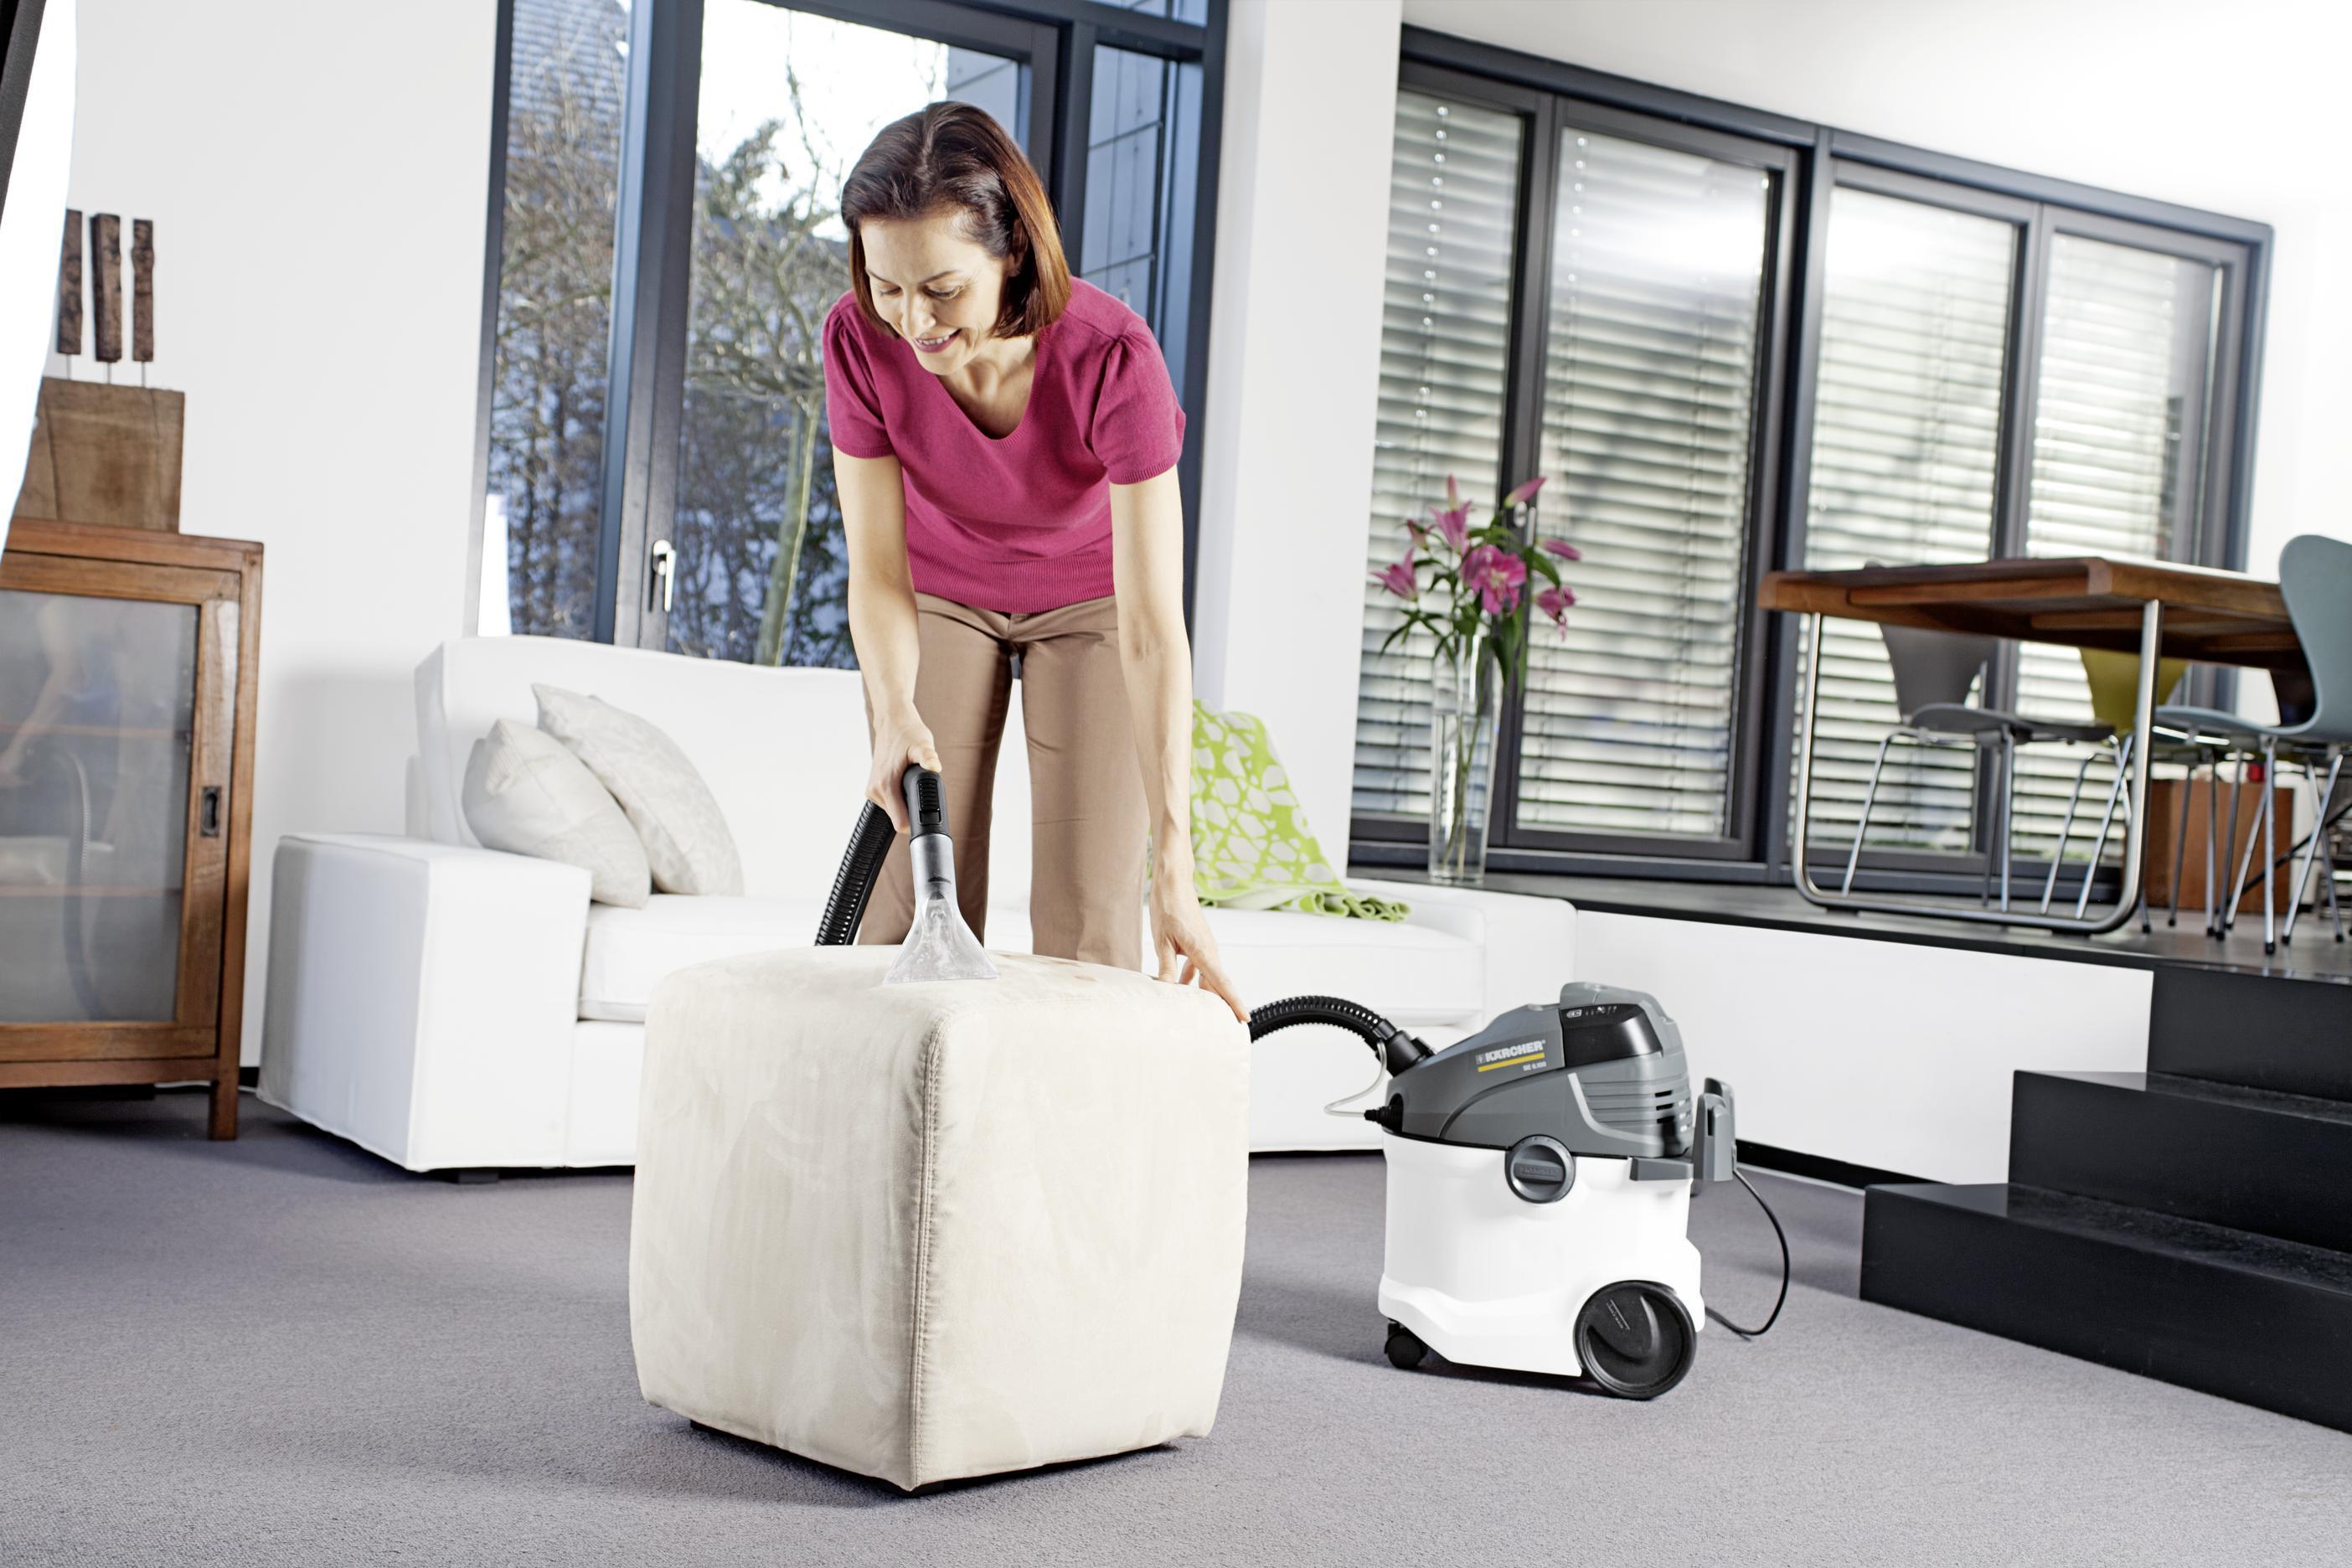 Пылесосы karcher: десятка лучших моделей + тонкости выбора пылесоса для дома